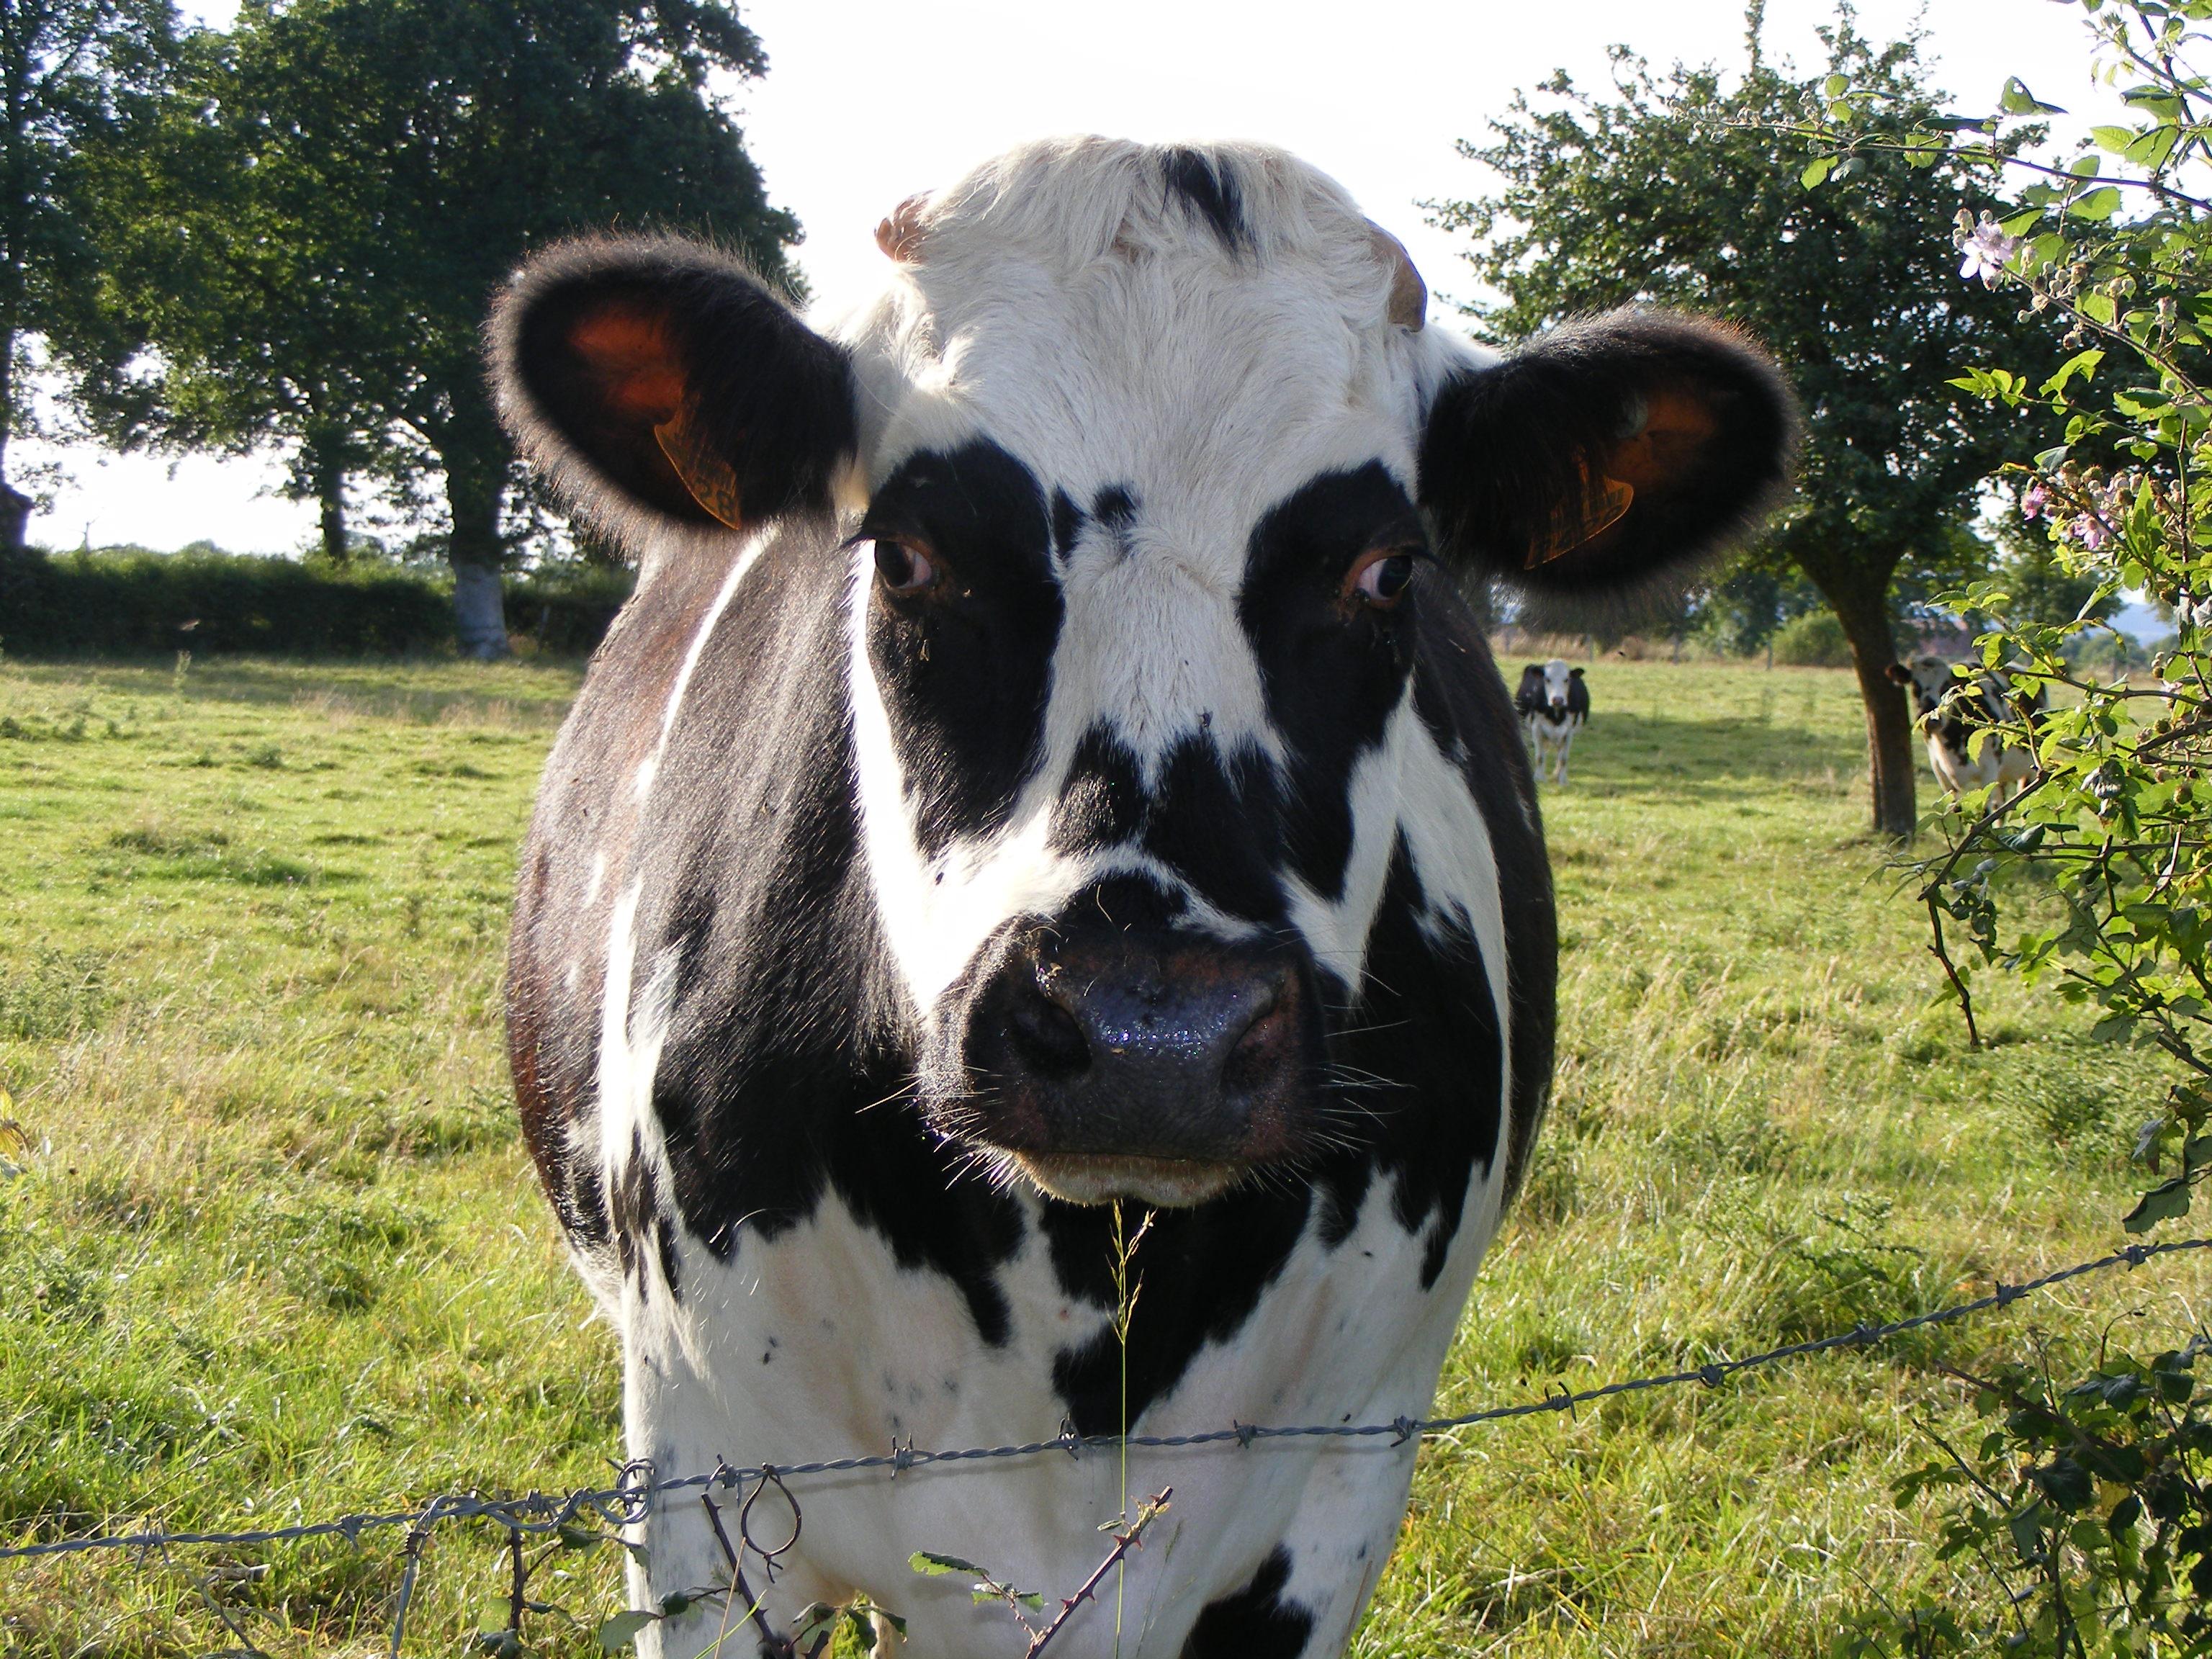 Vache normande une photo de athis de l 39 orne - Jardin contemporain athis de l orne nantes ...